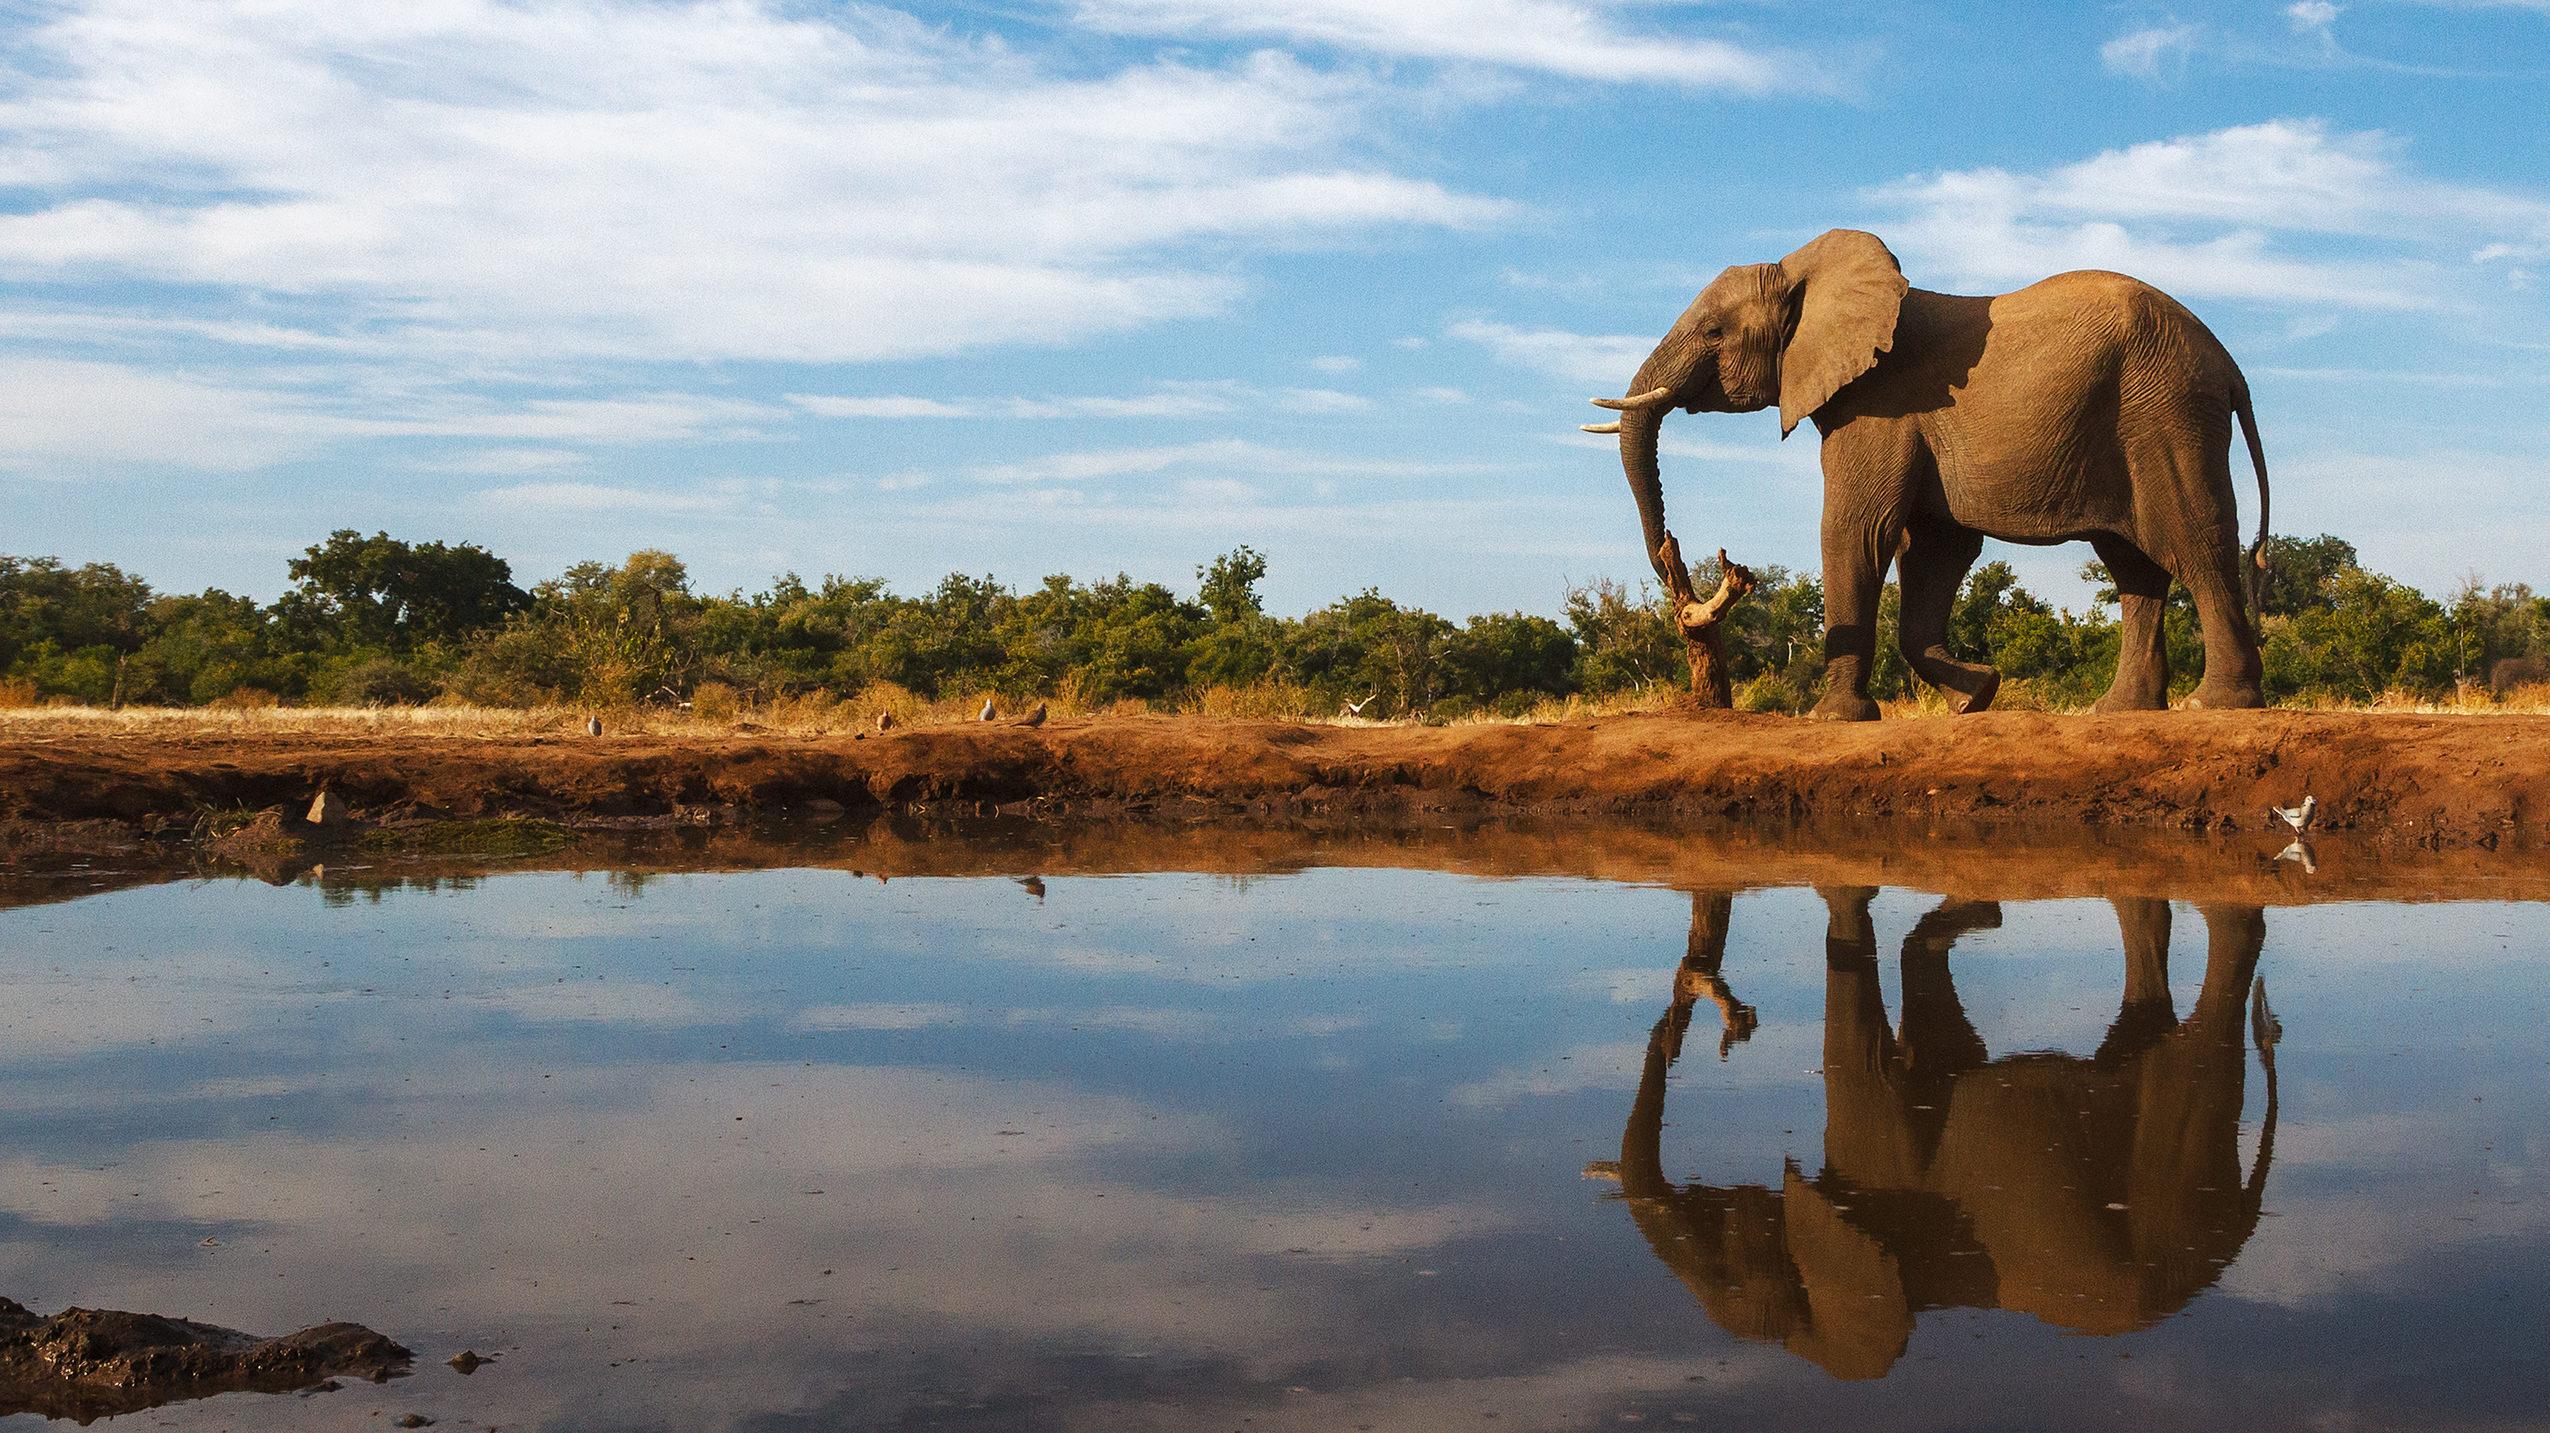 Botswana [shutterstock]